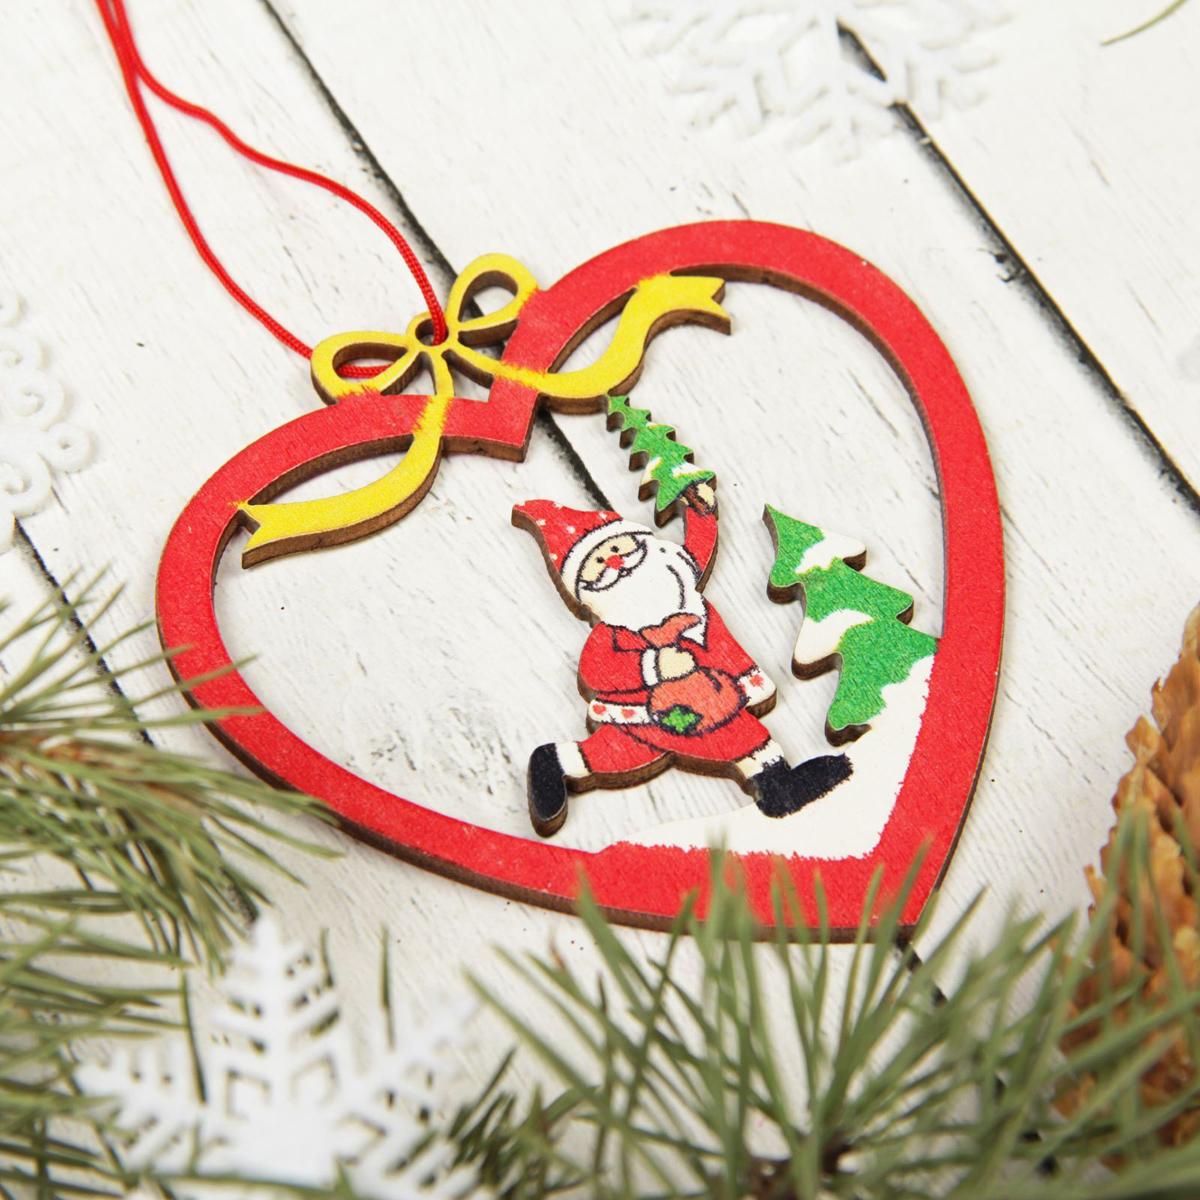 Украшение новогоднее подвесное Sima-land Дет мороз в сердце, 7,5 см х 8 см2303278Новогодние украшения Sima-land изготовлены из пластика. Изделия имеют плотный корпус, поэтому не разобьются при падении.Невозможно представить нашу жизнь без праздников! Новогодние украшения несут в себе волшебство и красоту праздника. Создайте в своем доме атмосферу тепла, веселья и радости, украшая его всей семьей.